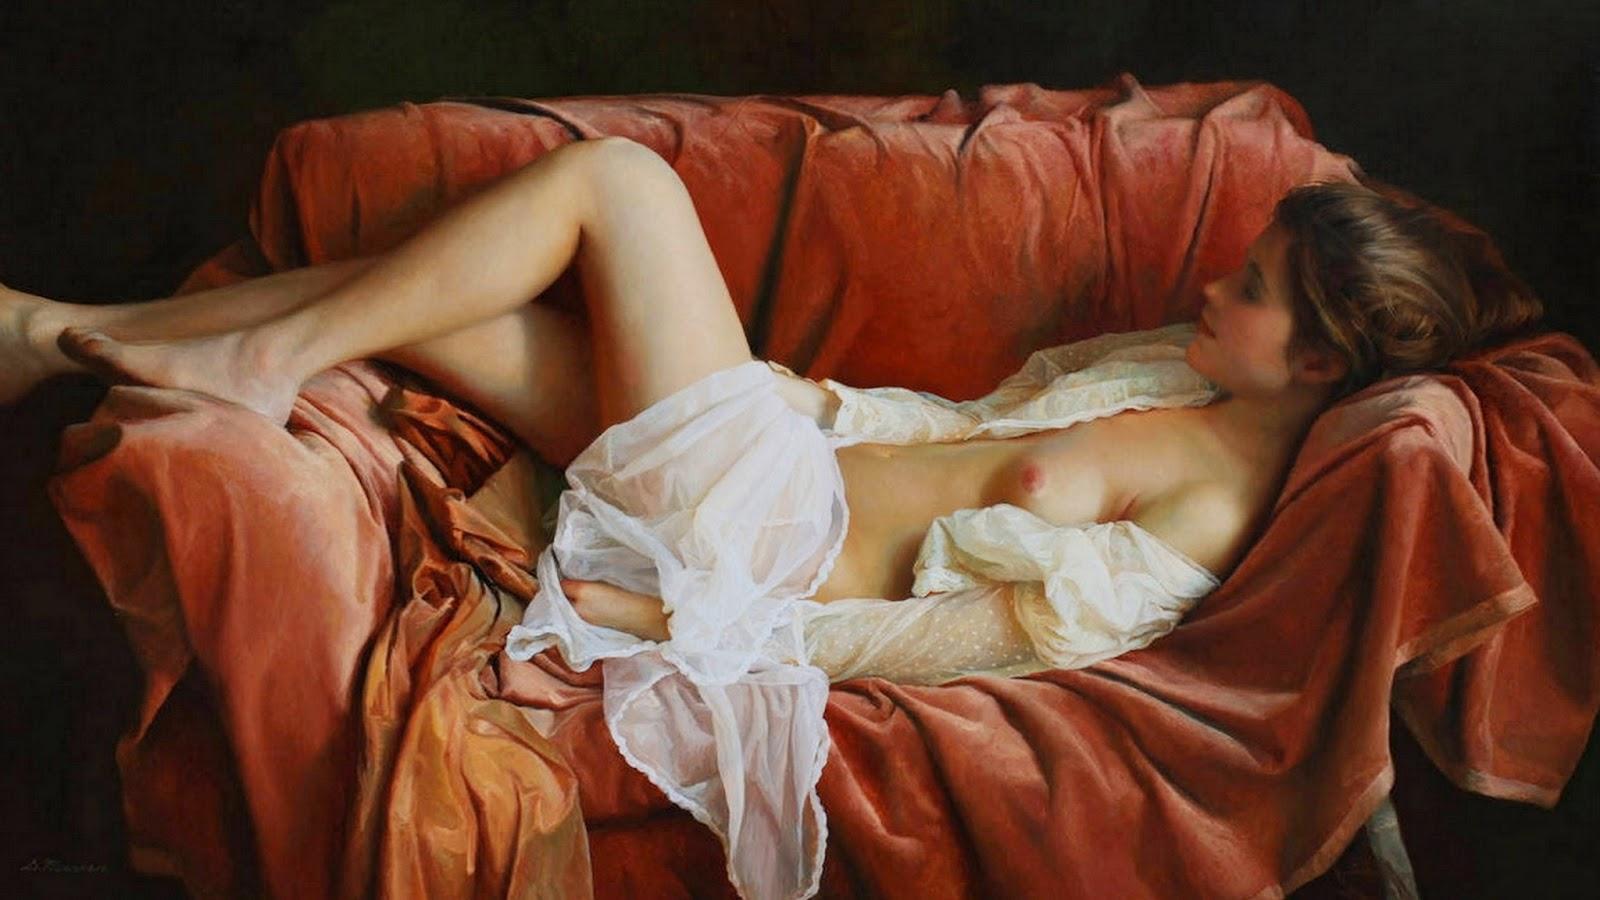 Pinturas Humanas Al Leo Sergemarshennikov Pintor De Baskortost N